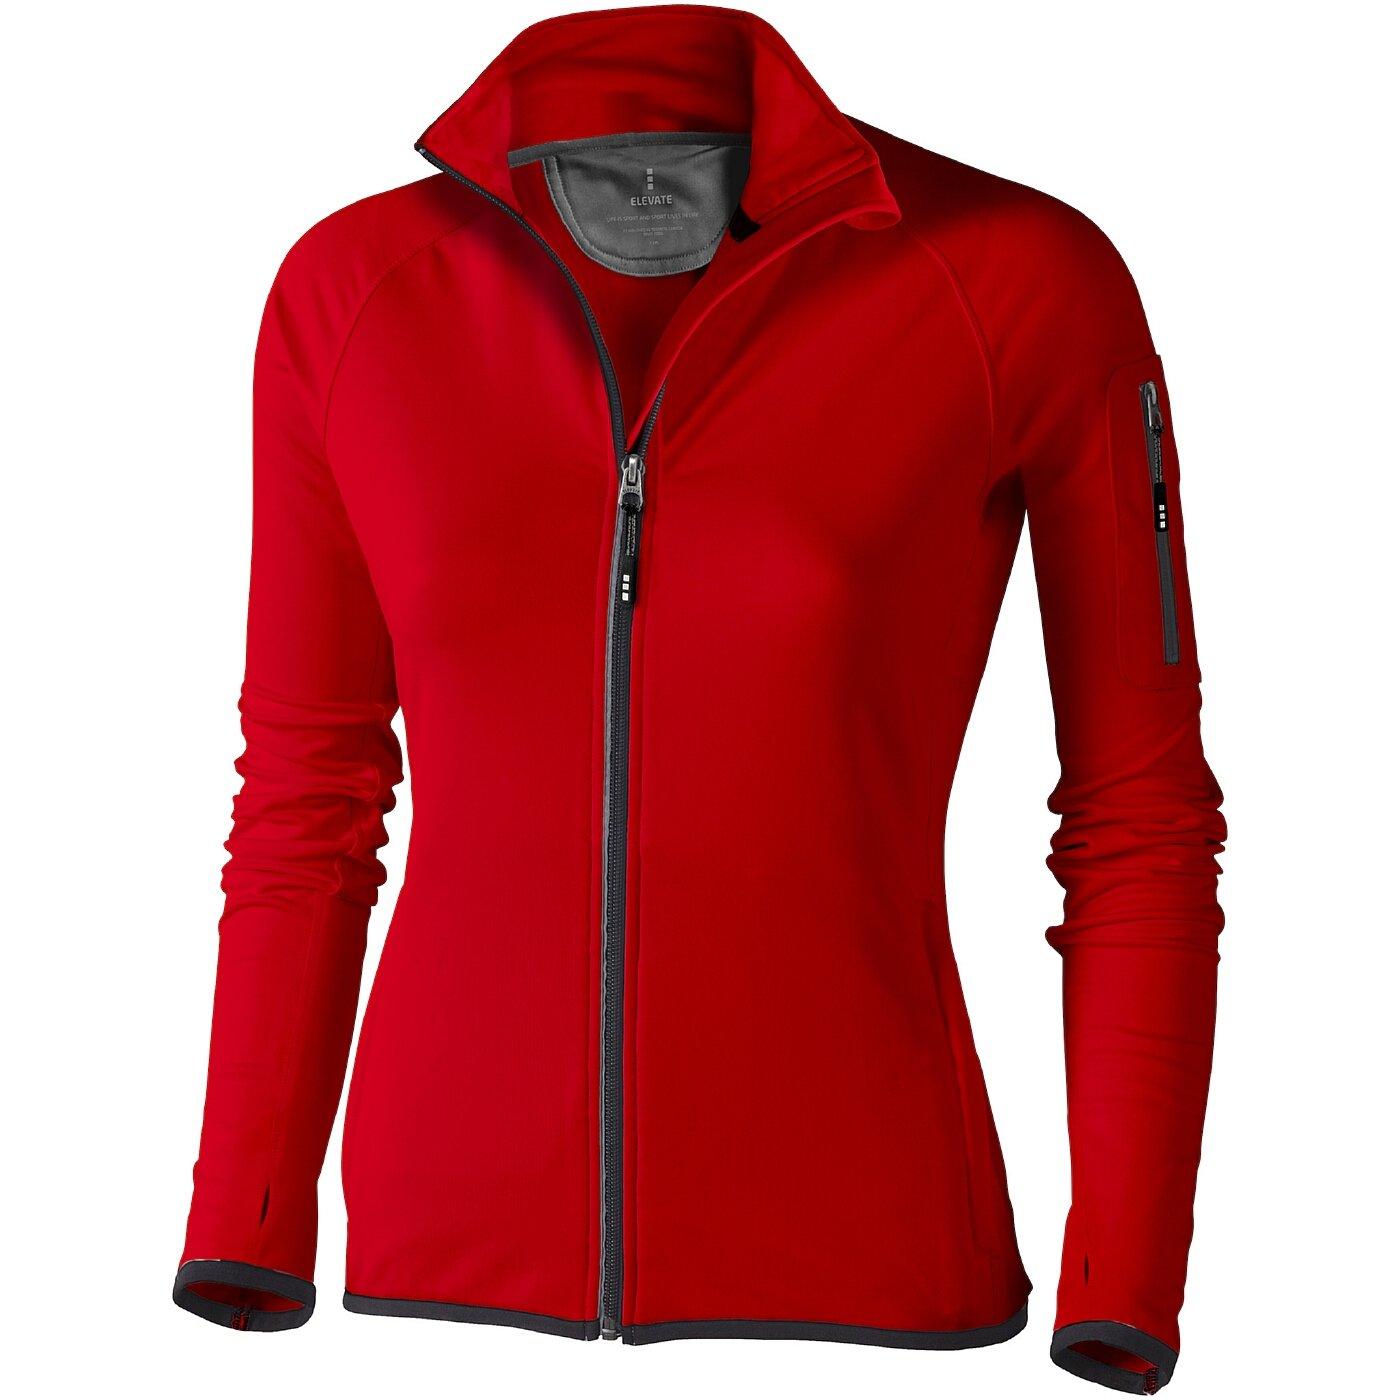 FemmeVêtements Elevate Et Accessoires Fleece Mani Power l1JcKuTF35